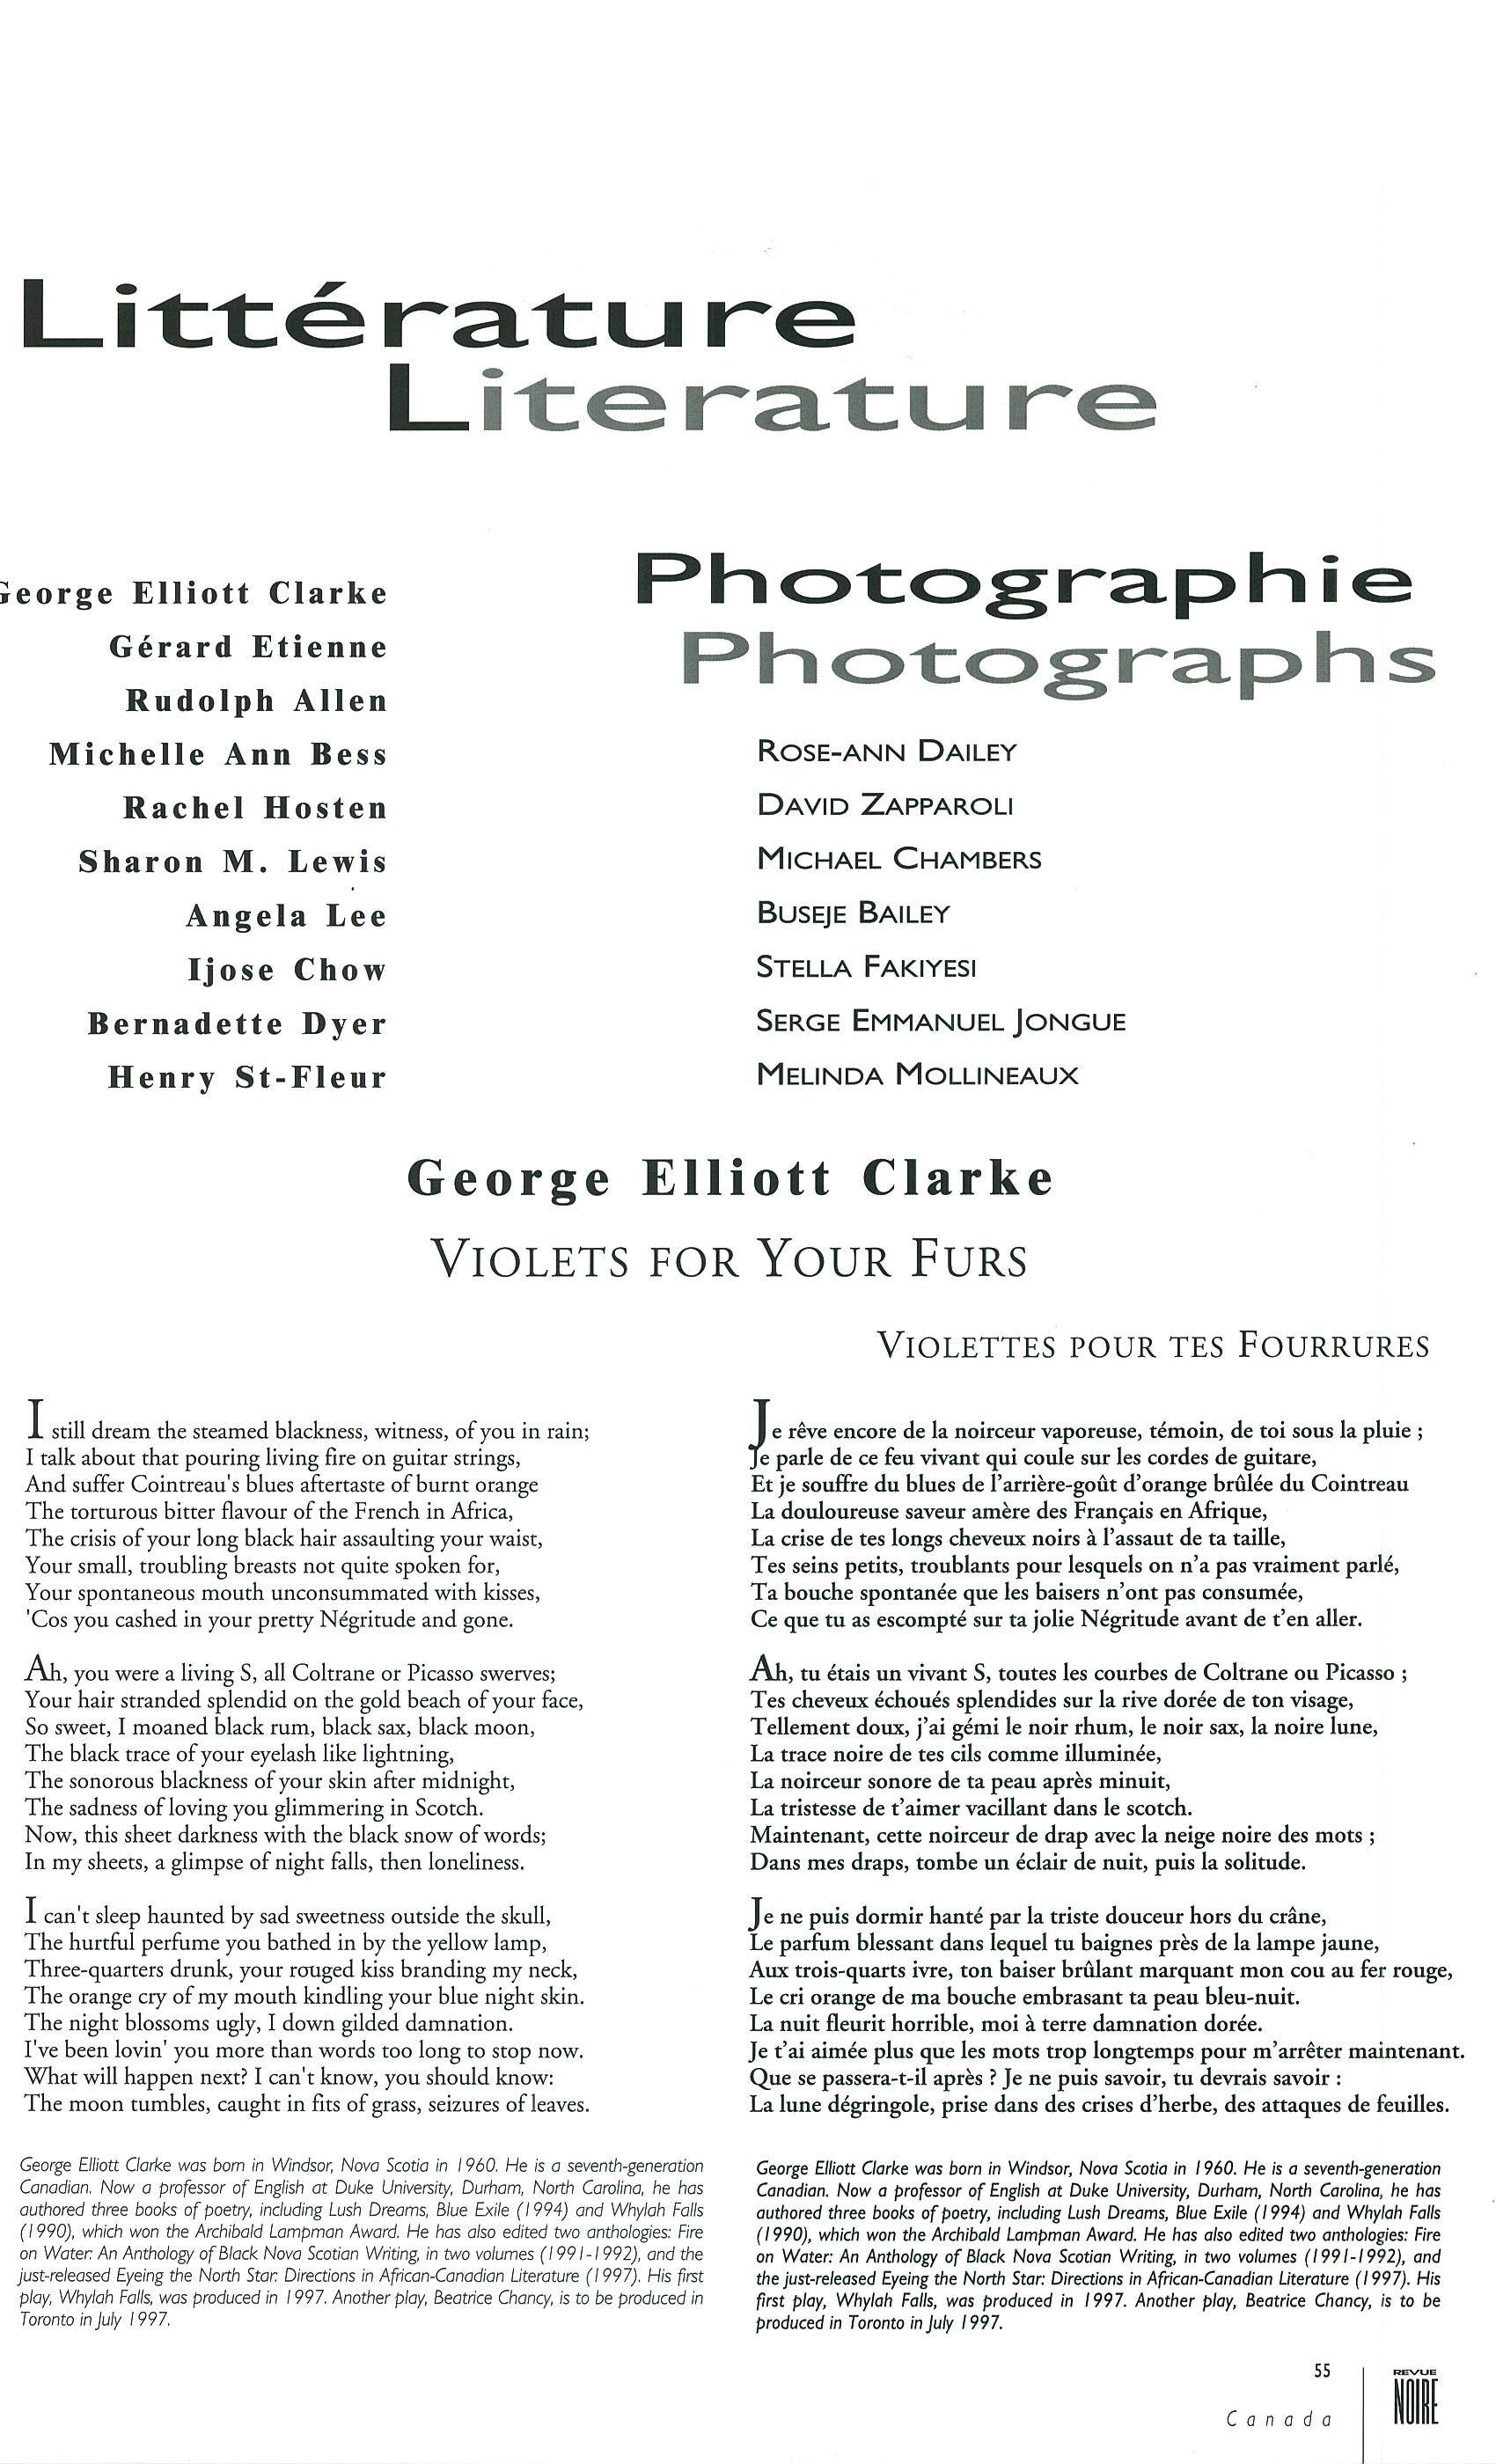 2. Revue Noire book_Page_057